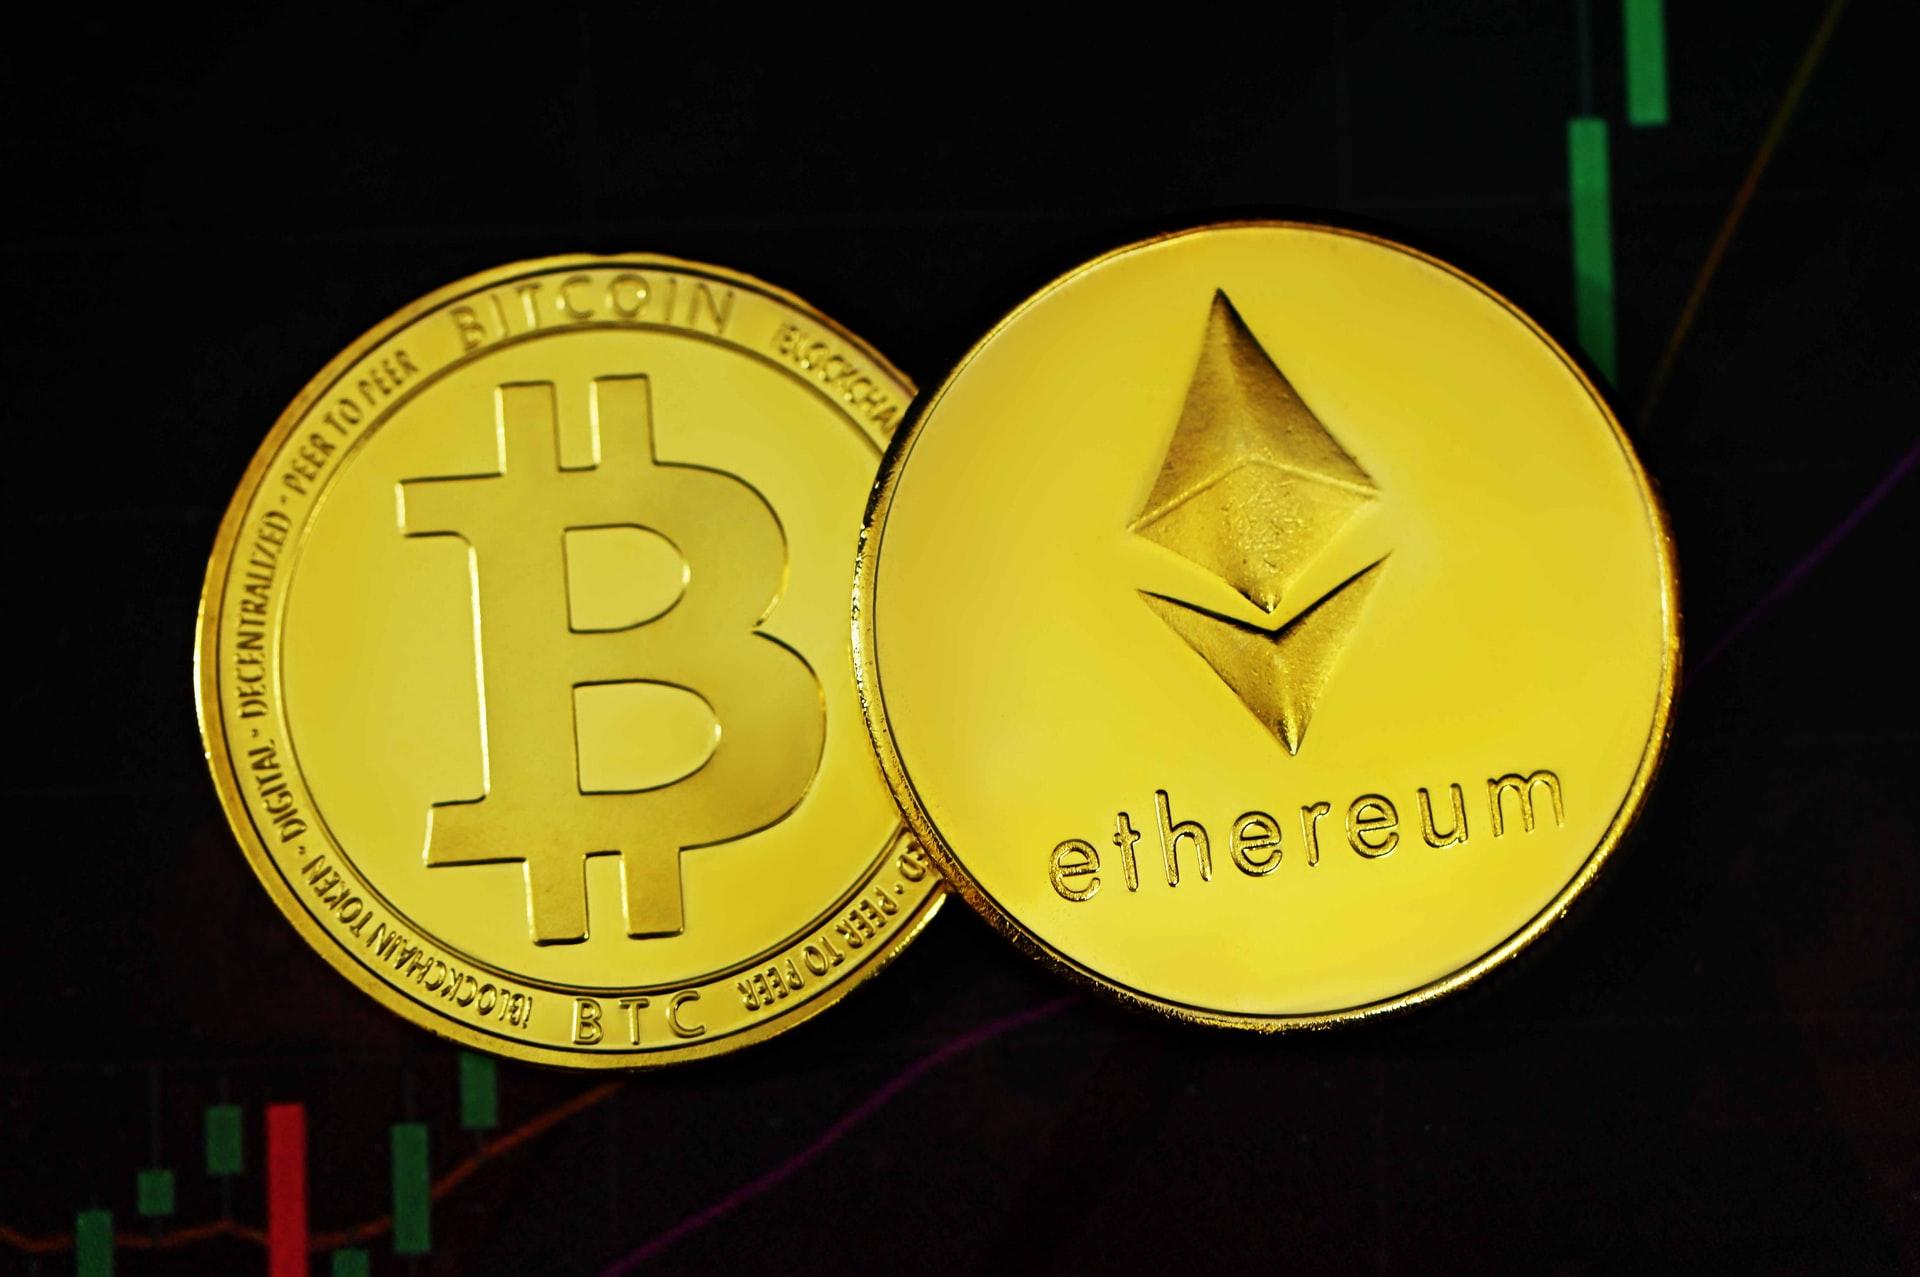 En Brasil, Hashdex anuncia un nuevo fondo cotizado en bolsa de Bitcoin sin emisiones de carbono, mientras que prepara el lanzamiento de su nuevo ETF de Ethereum